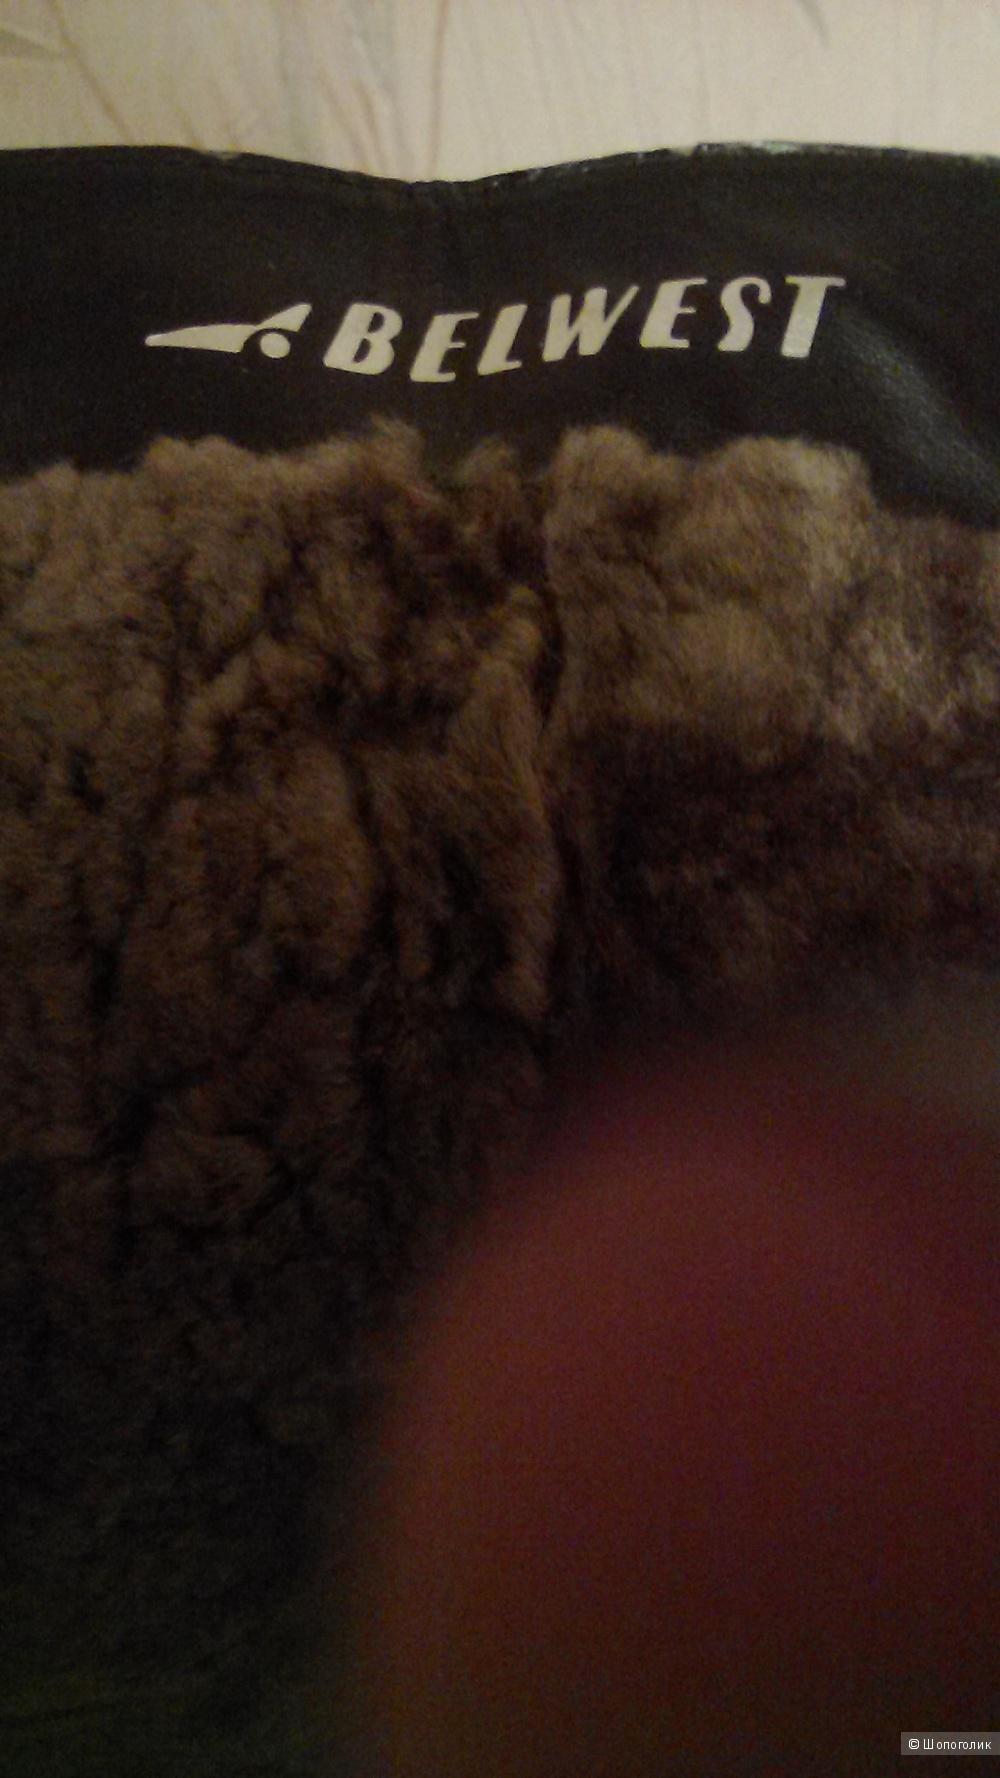 Сапоги  зимние,  БЕЛВЕСТ, размер   39.